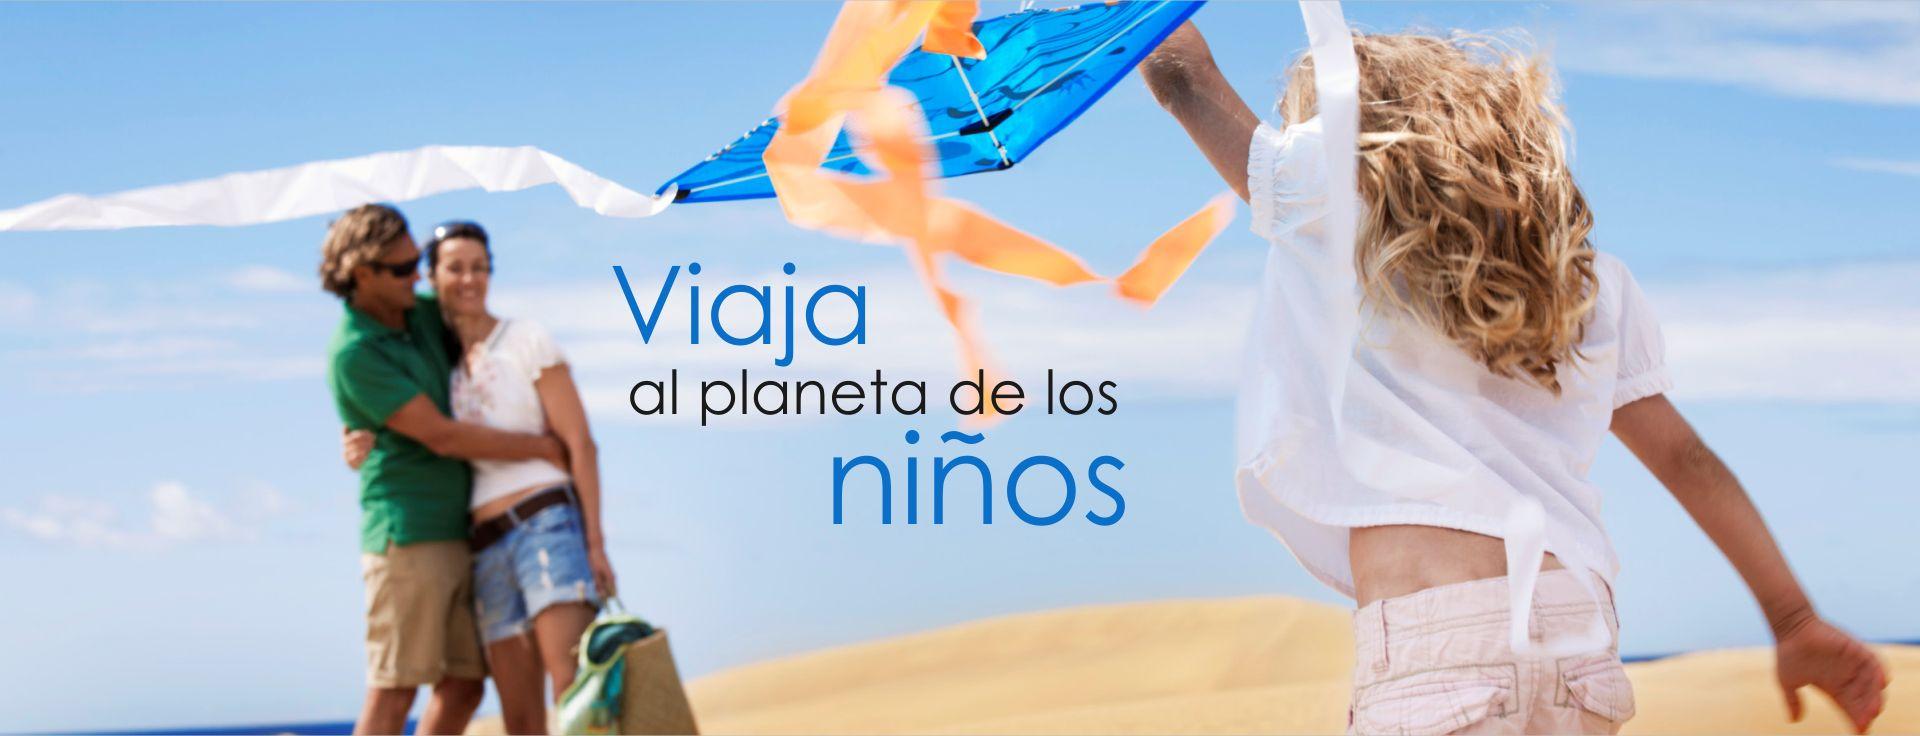 Viaja al Planeta de los niños